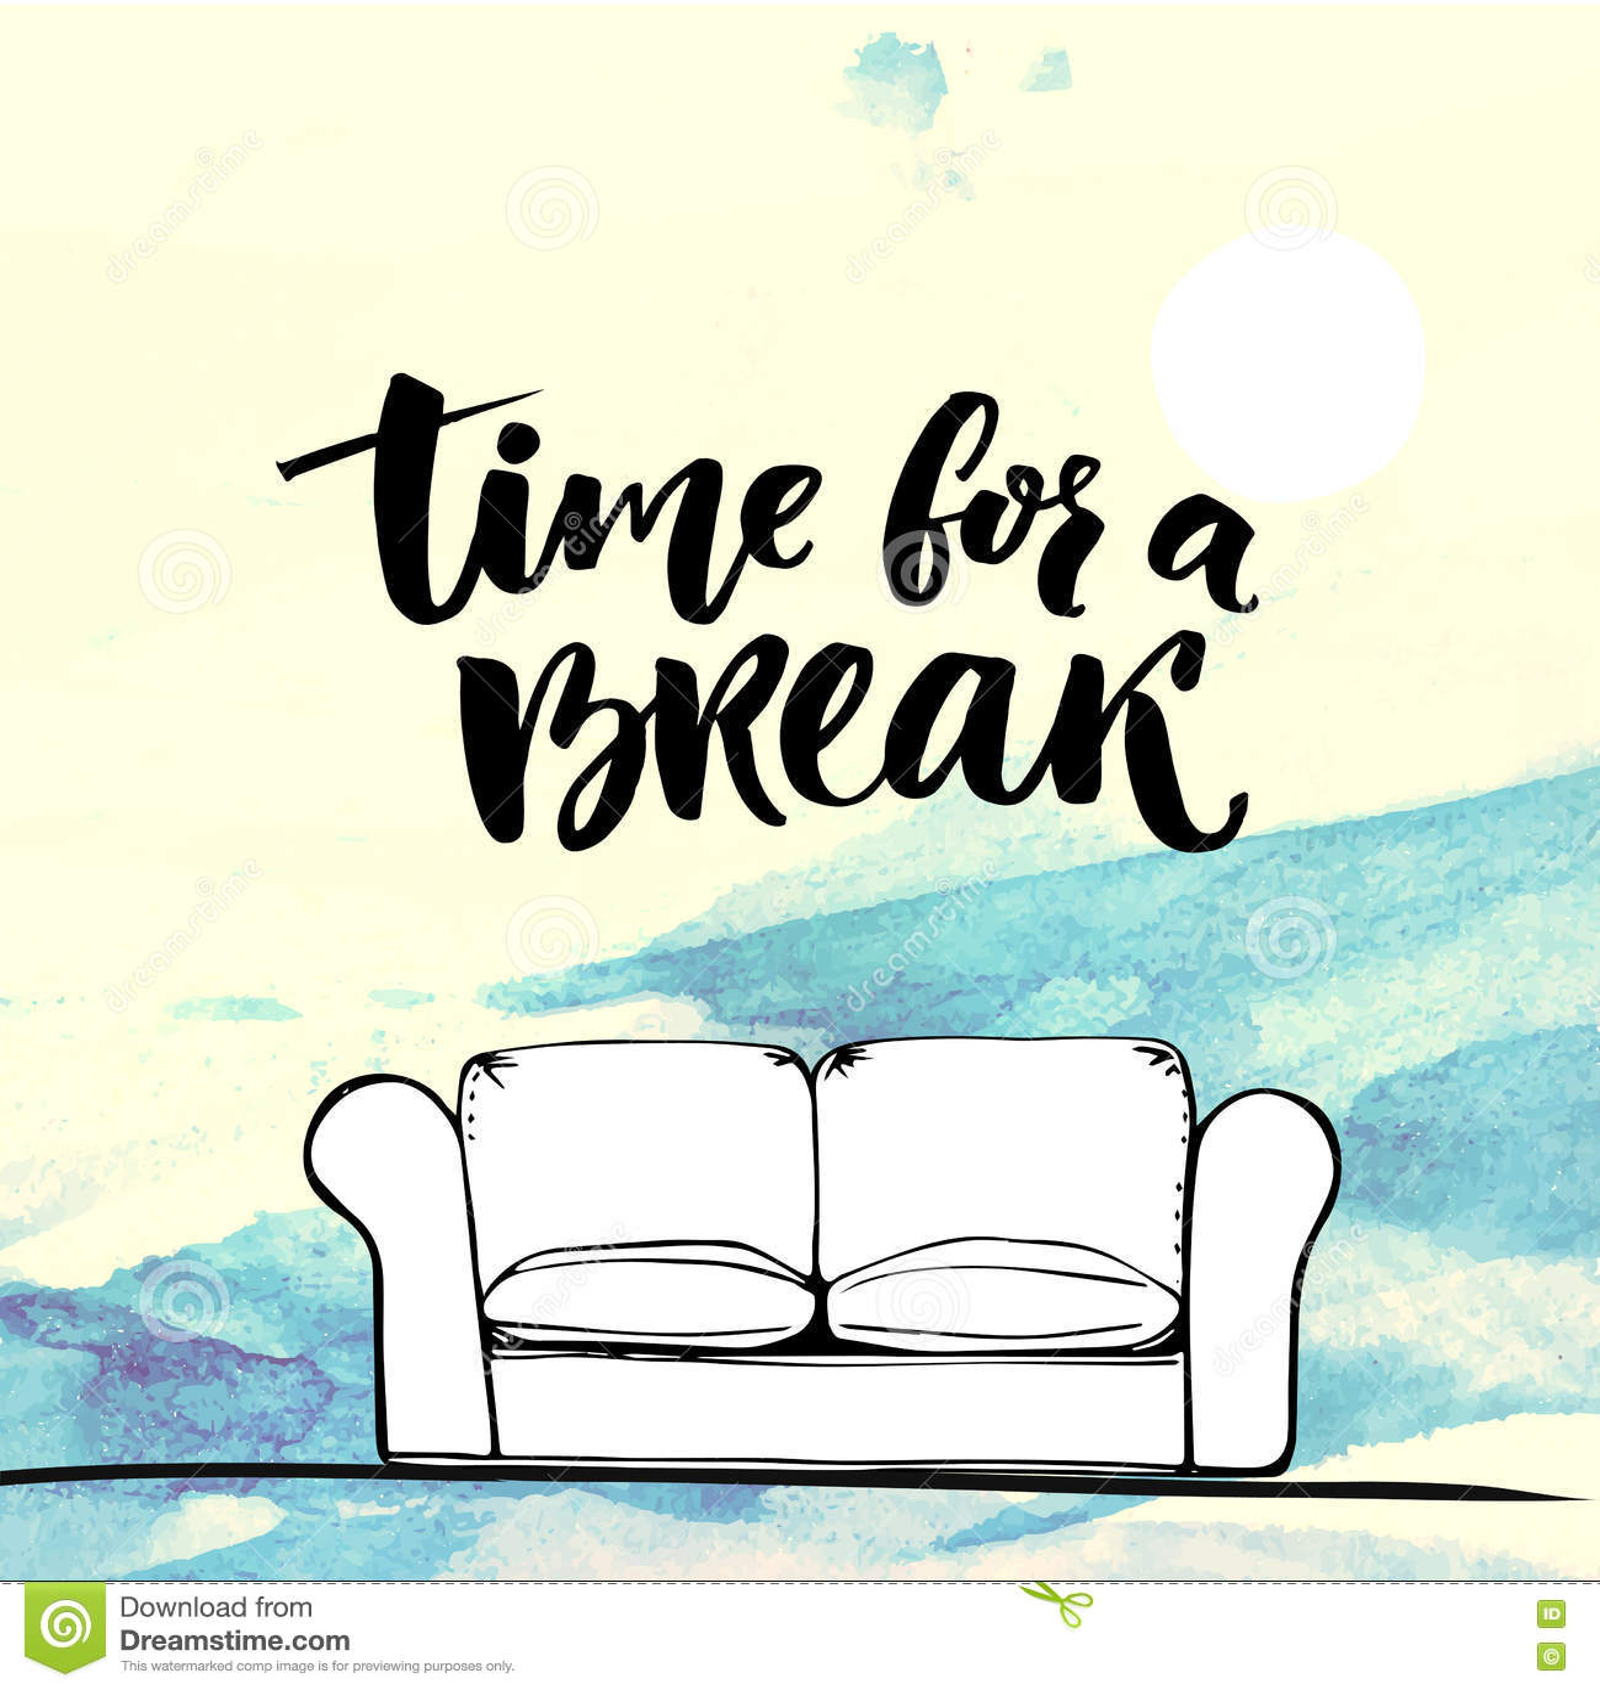 heure pour un texte de coupure pour le media social affiches de bureau citation positive pour. Black Bedroom Furniture Sets. Home Design Ideas